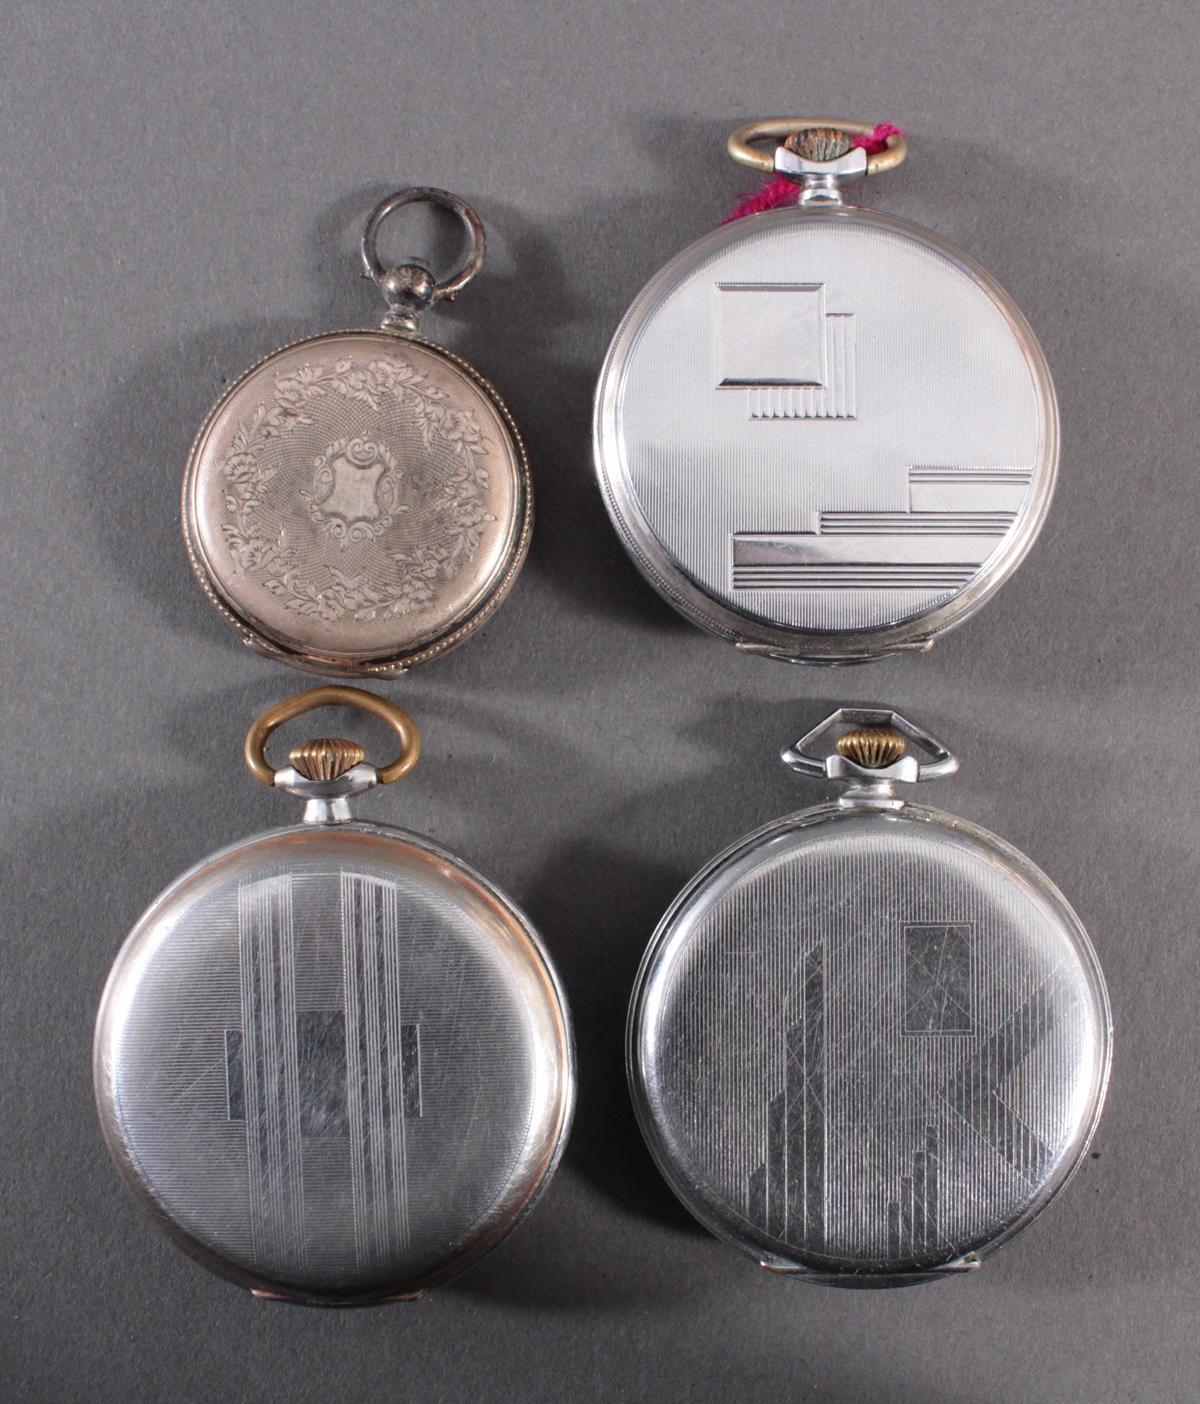 4 Taschenuhren-2